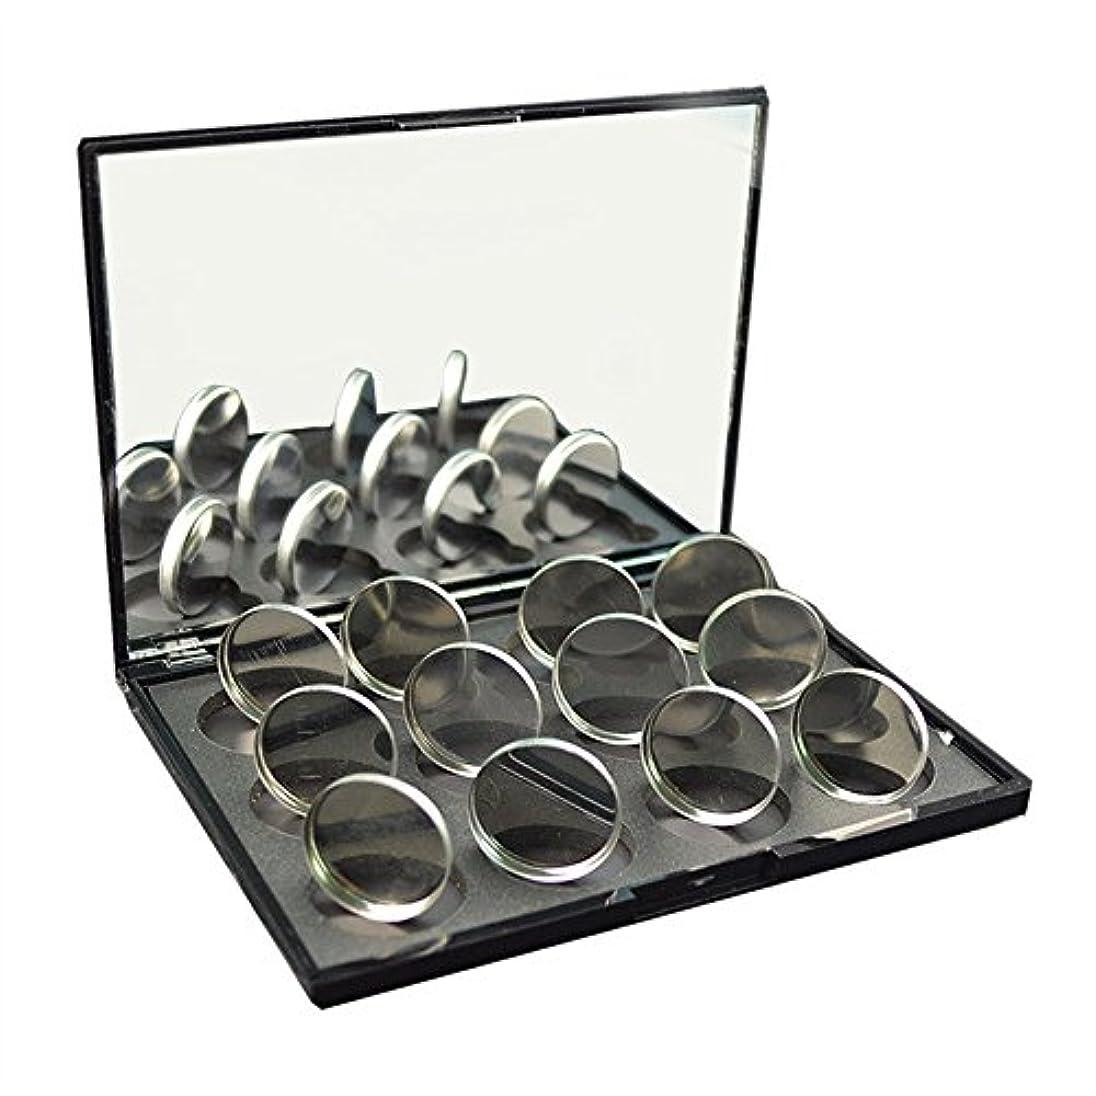 請求書可塑性両方磁石に敏感な粉のアイシャドウ26mmのための100pcs空の円形の錫鍋